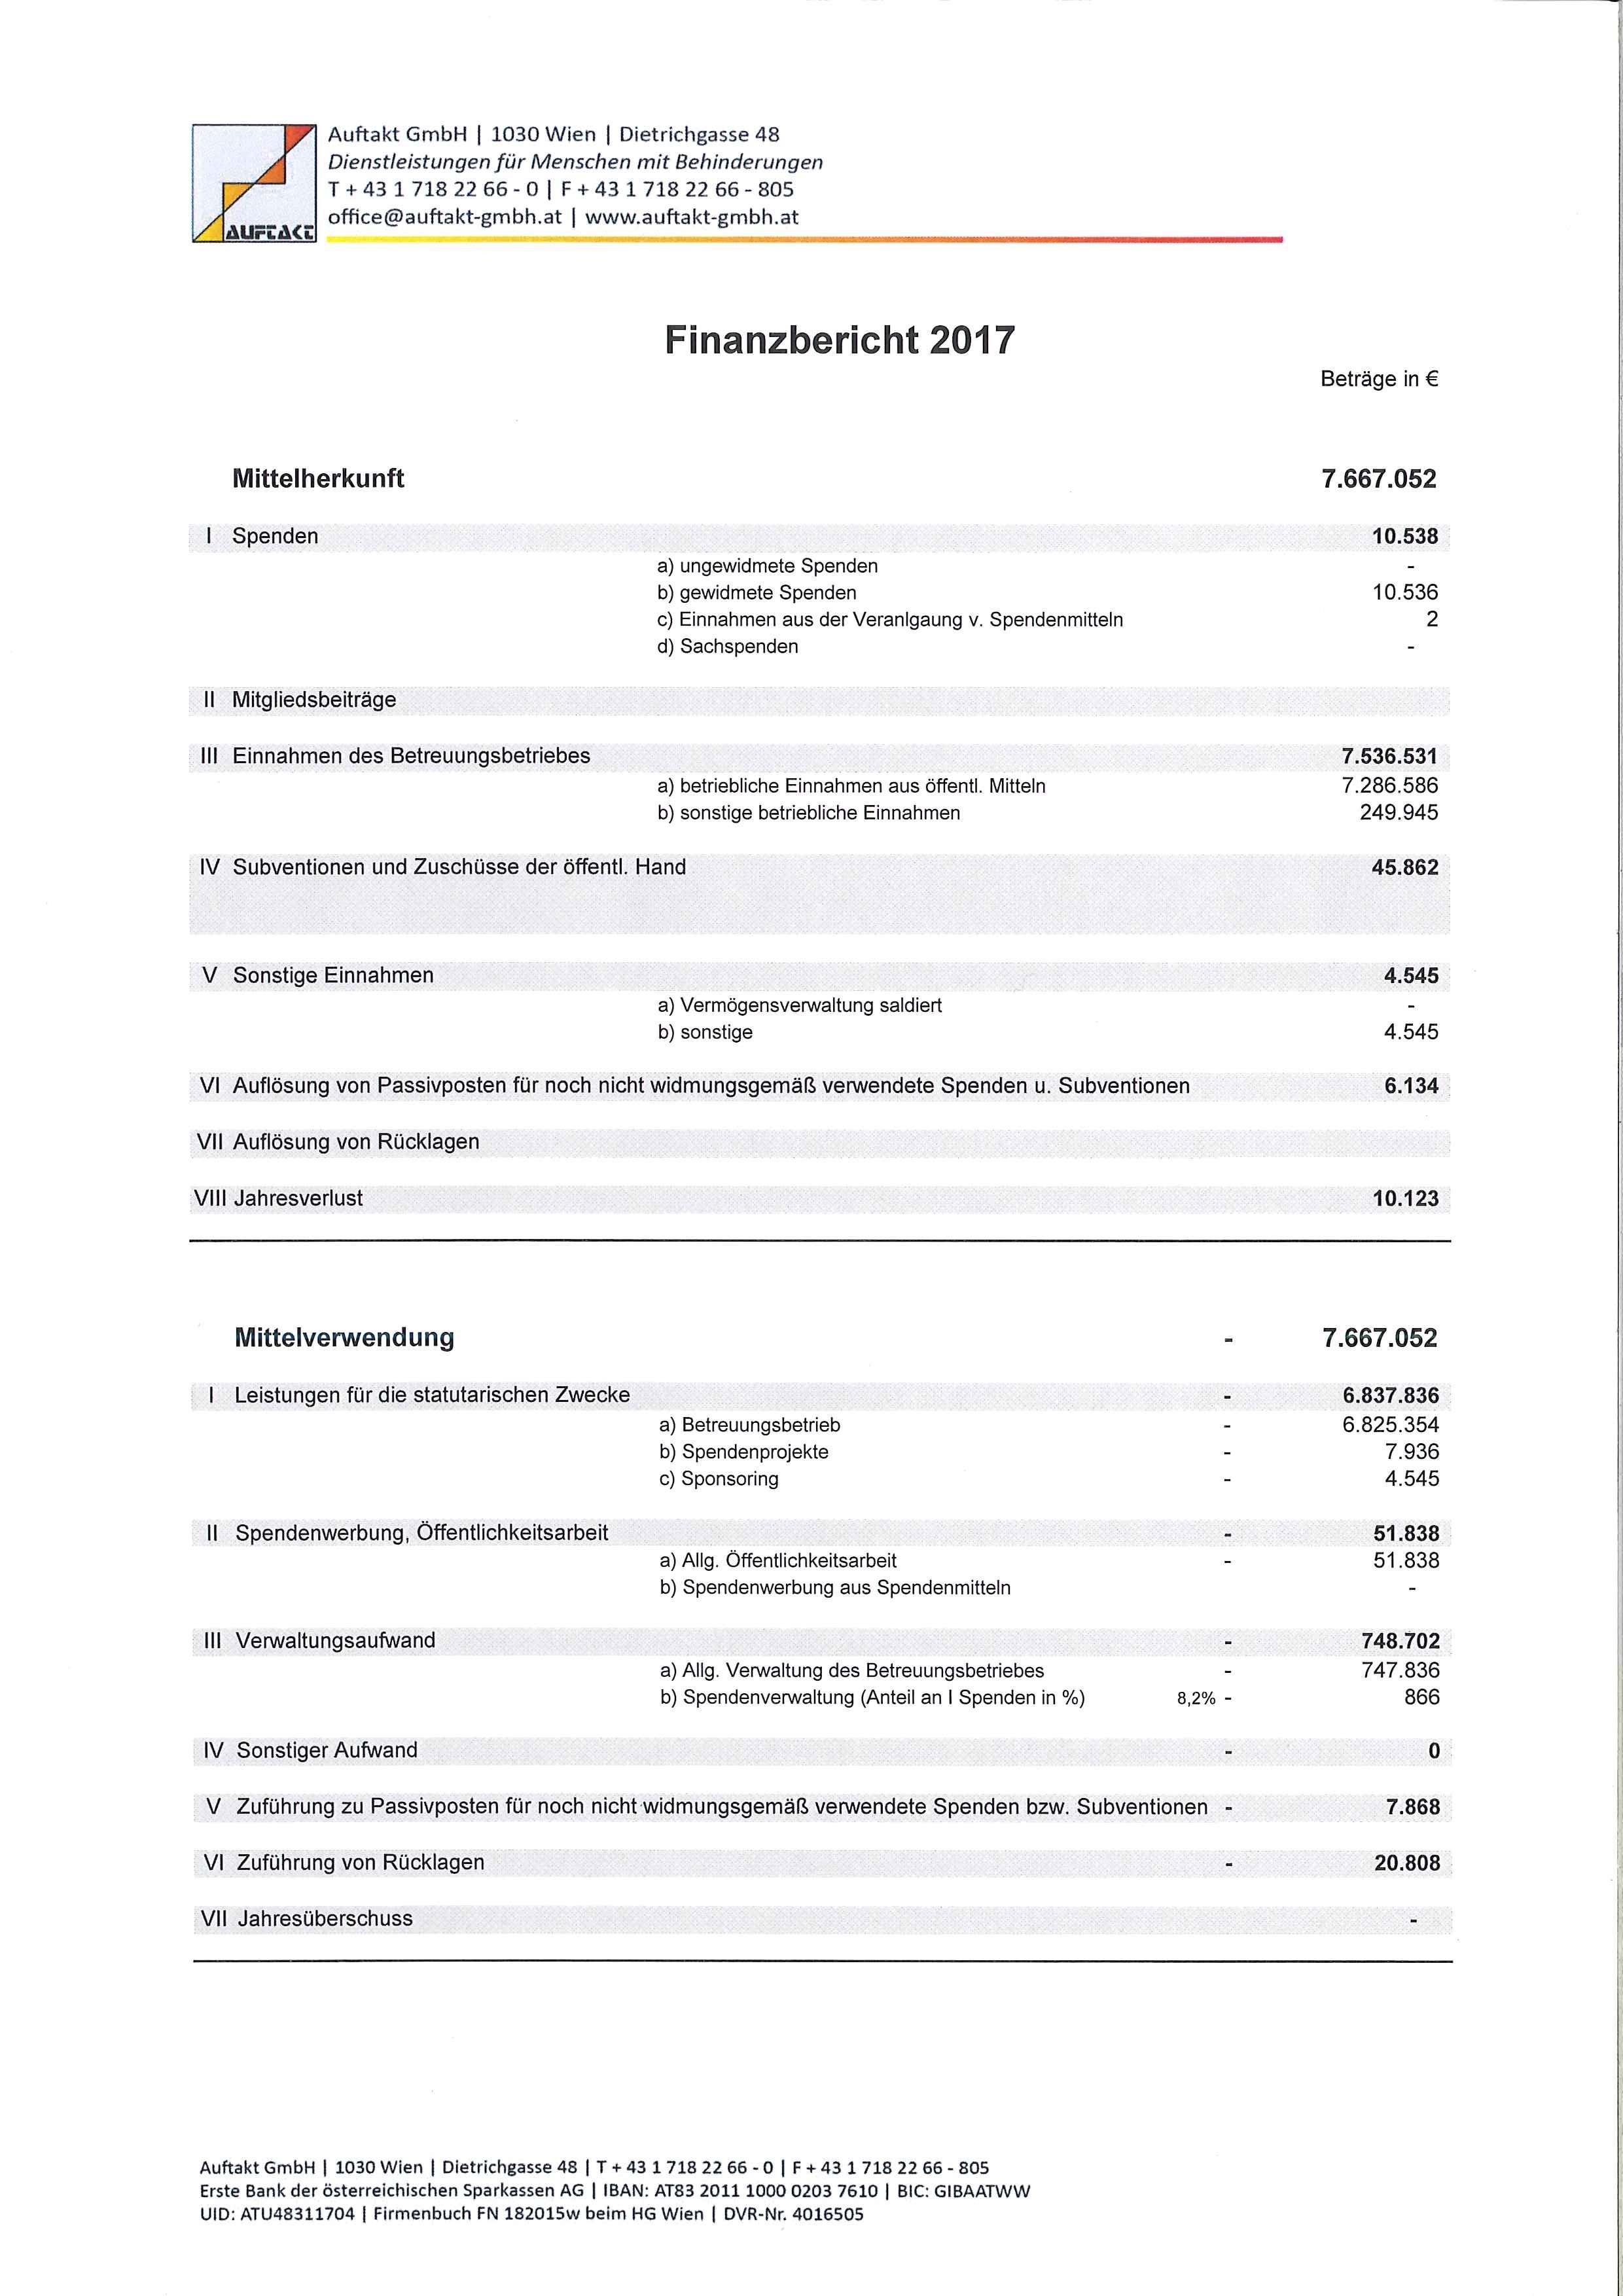 Der Spenden-Finanzbericht 2017